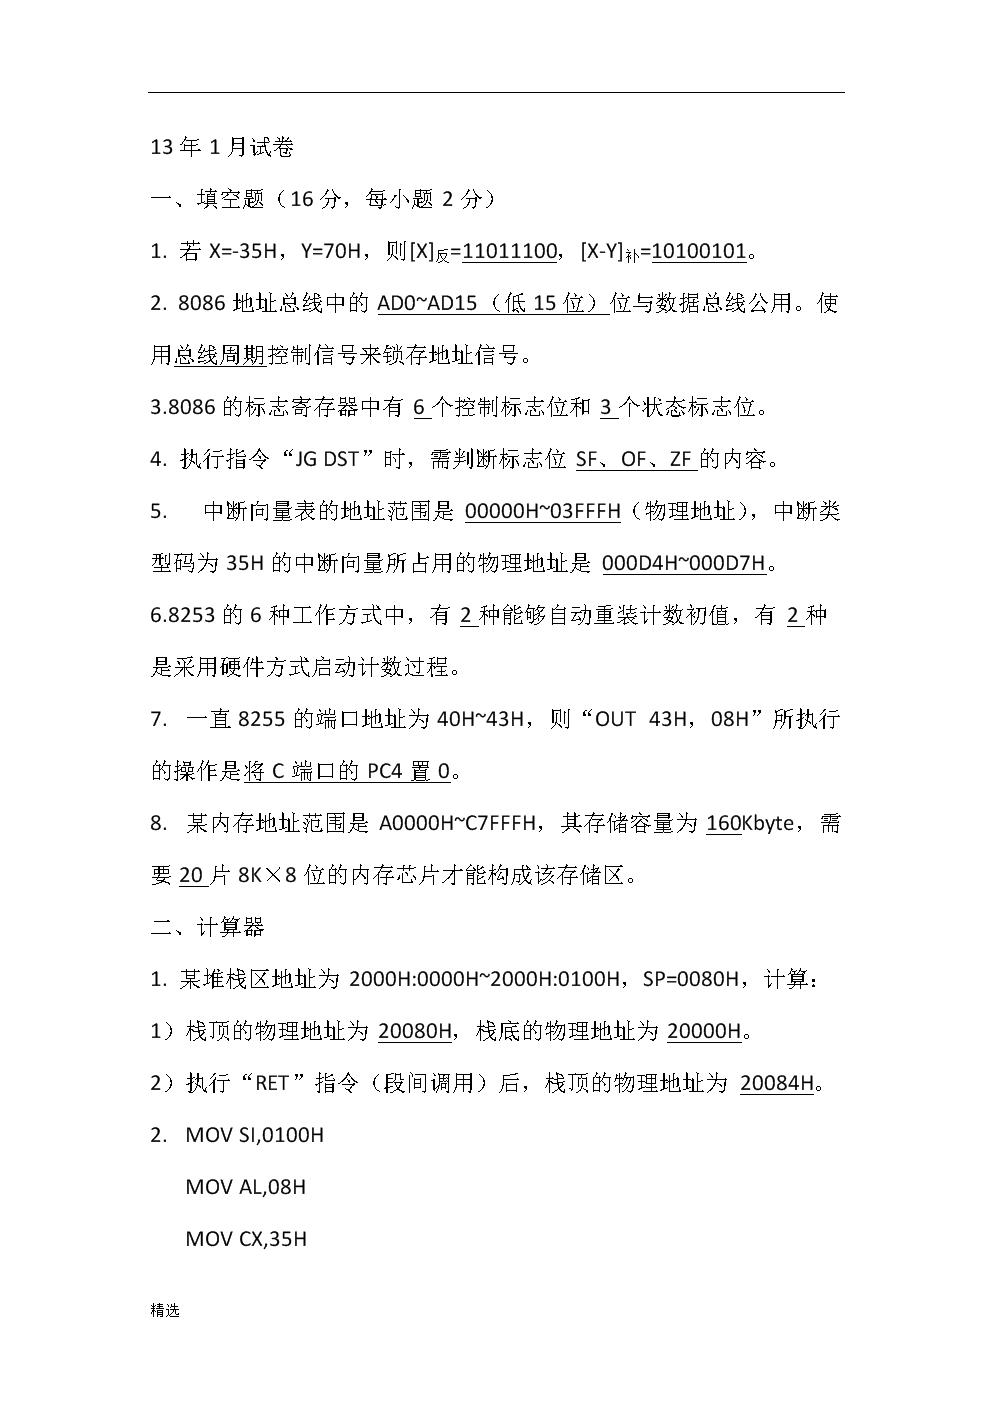 终版微机原理及接口设计试题.doc